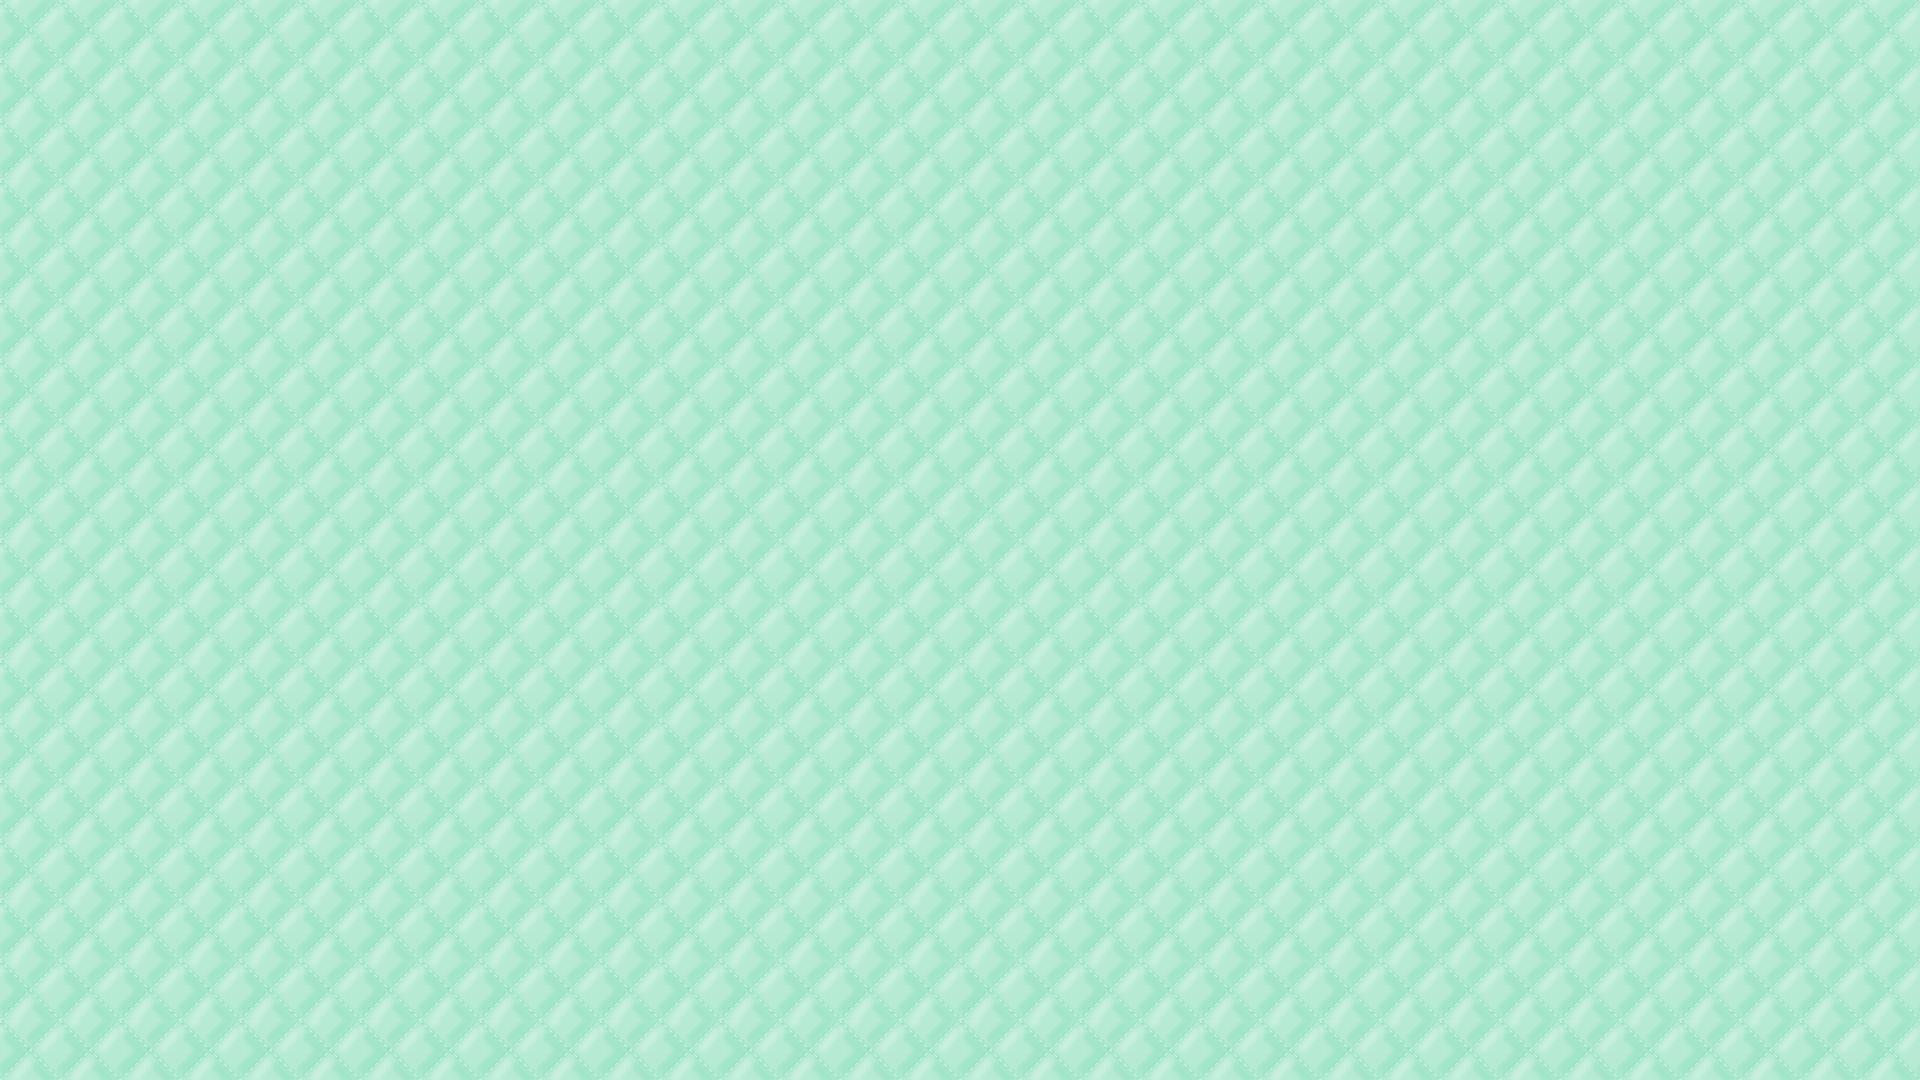 Mint Green Wallpaper Images - WallpaperSafari